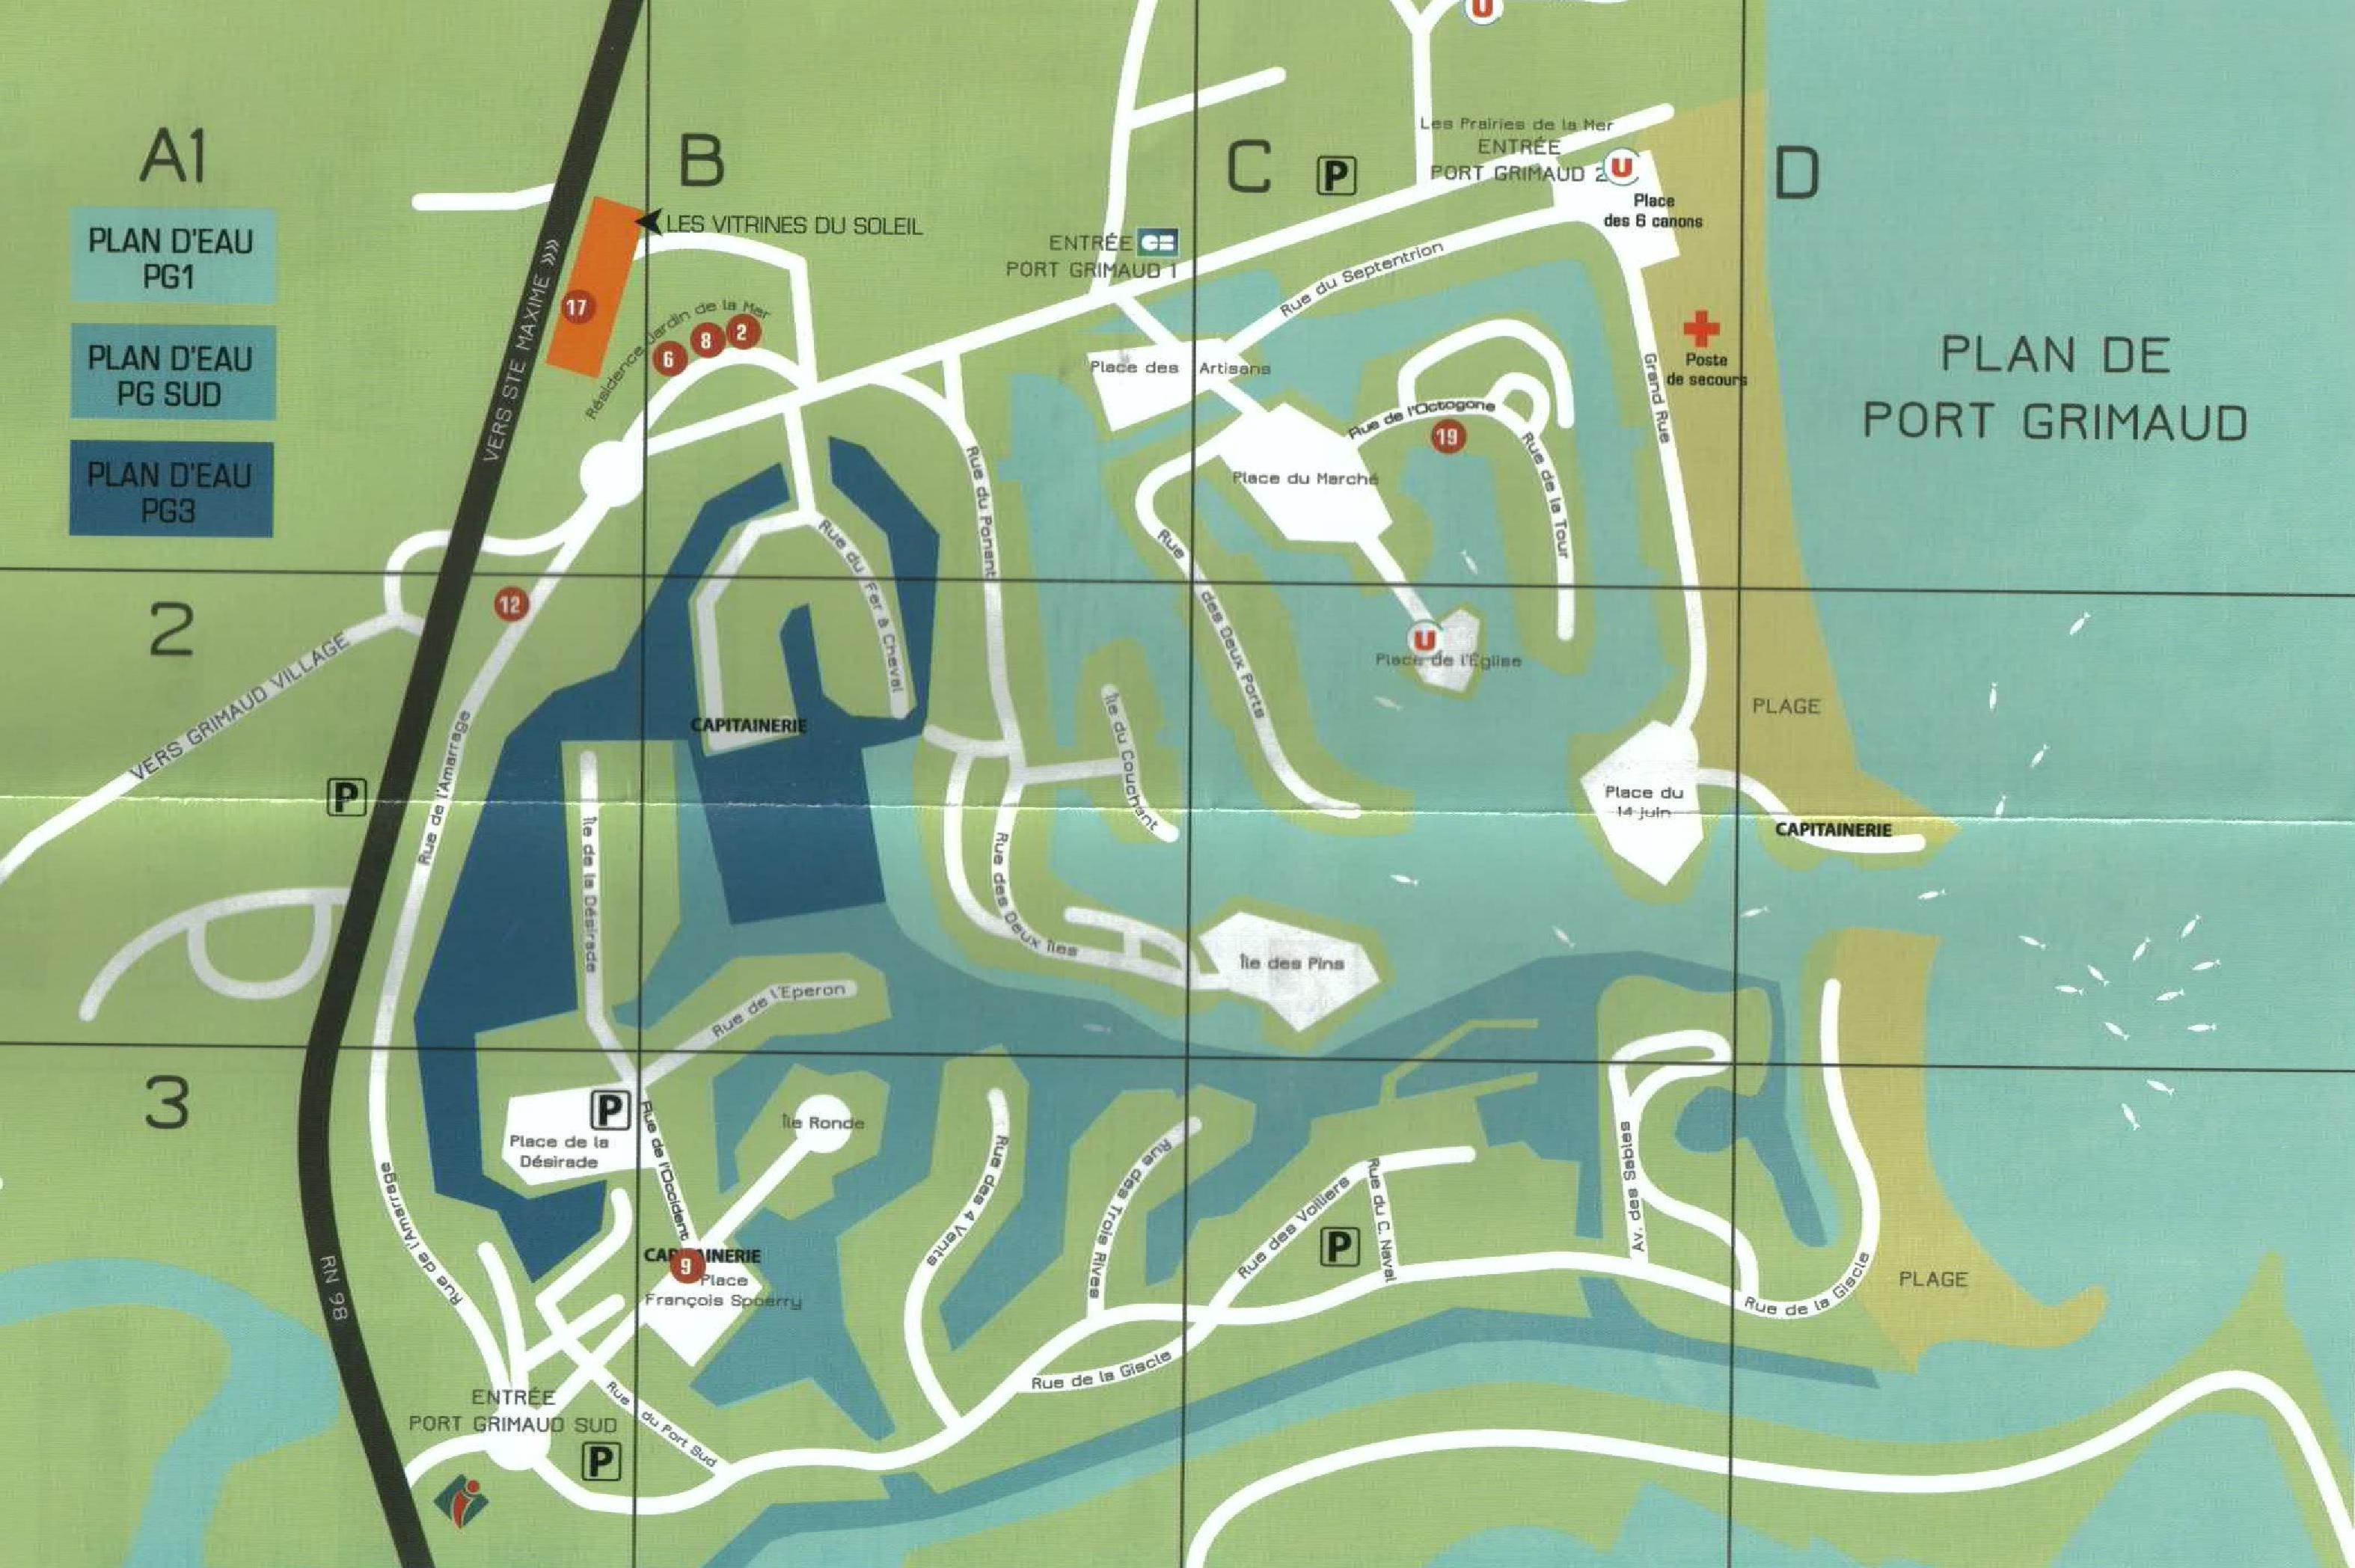 Plan de Port Grimaud